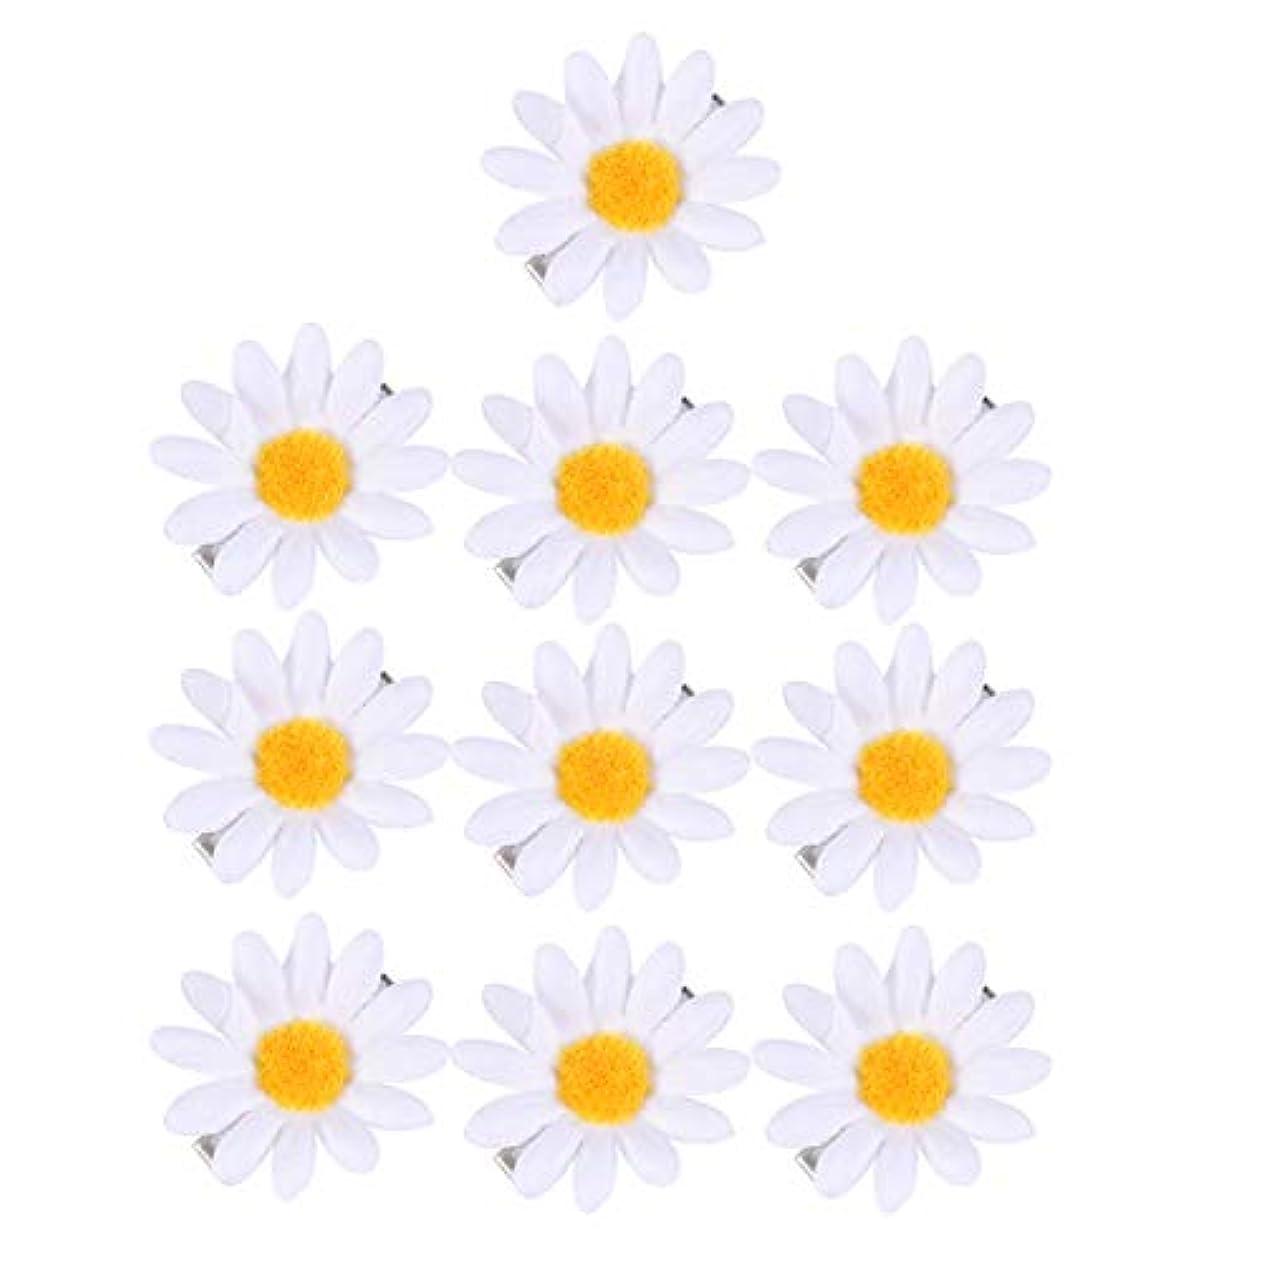 給料センチメートル不調和Beaupretty 20ピースかわいいデイジーヘアクリップひまわり新鮮な髪のバレッタヘアピン女の子のための(ホワイト)